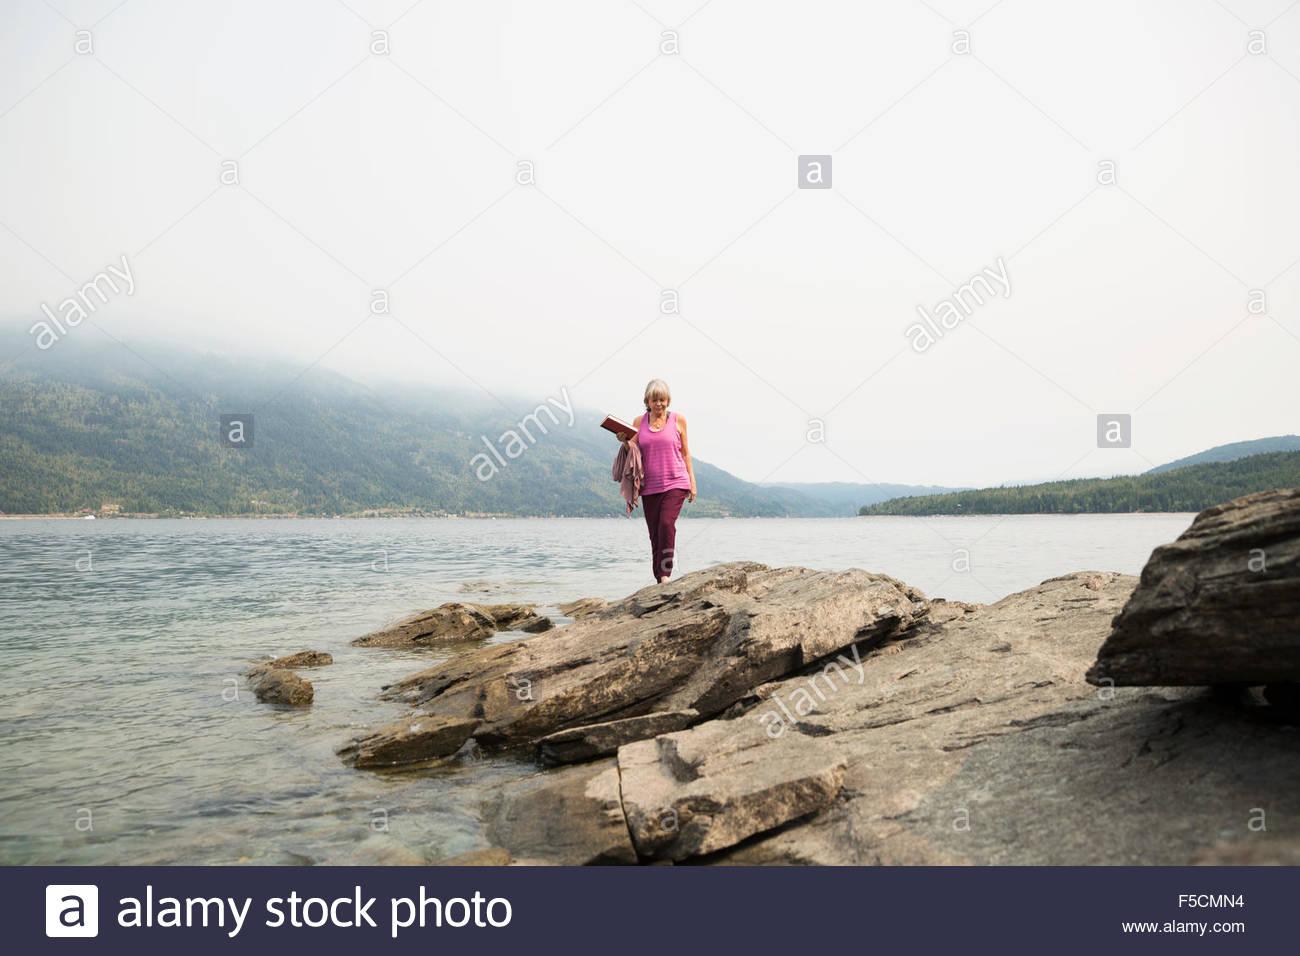 Mujer caminando sobre rocas en lakeside Imagen De Stock